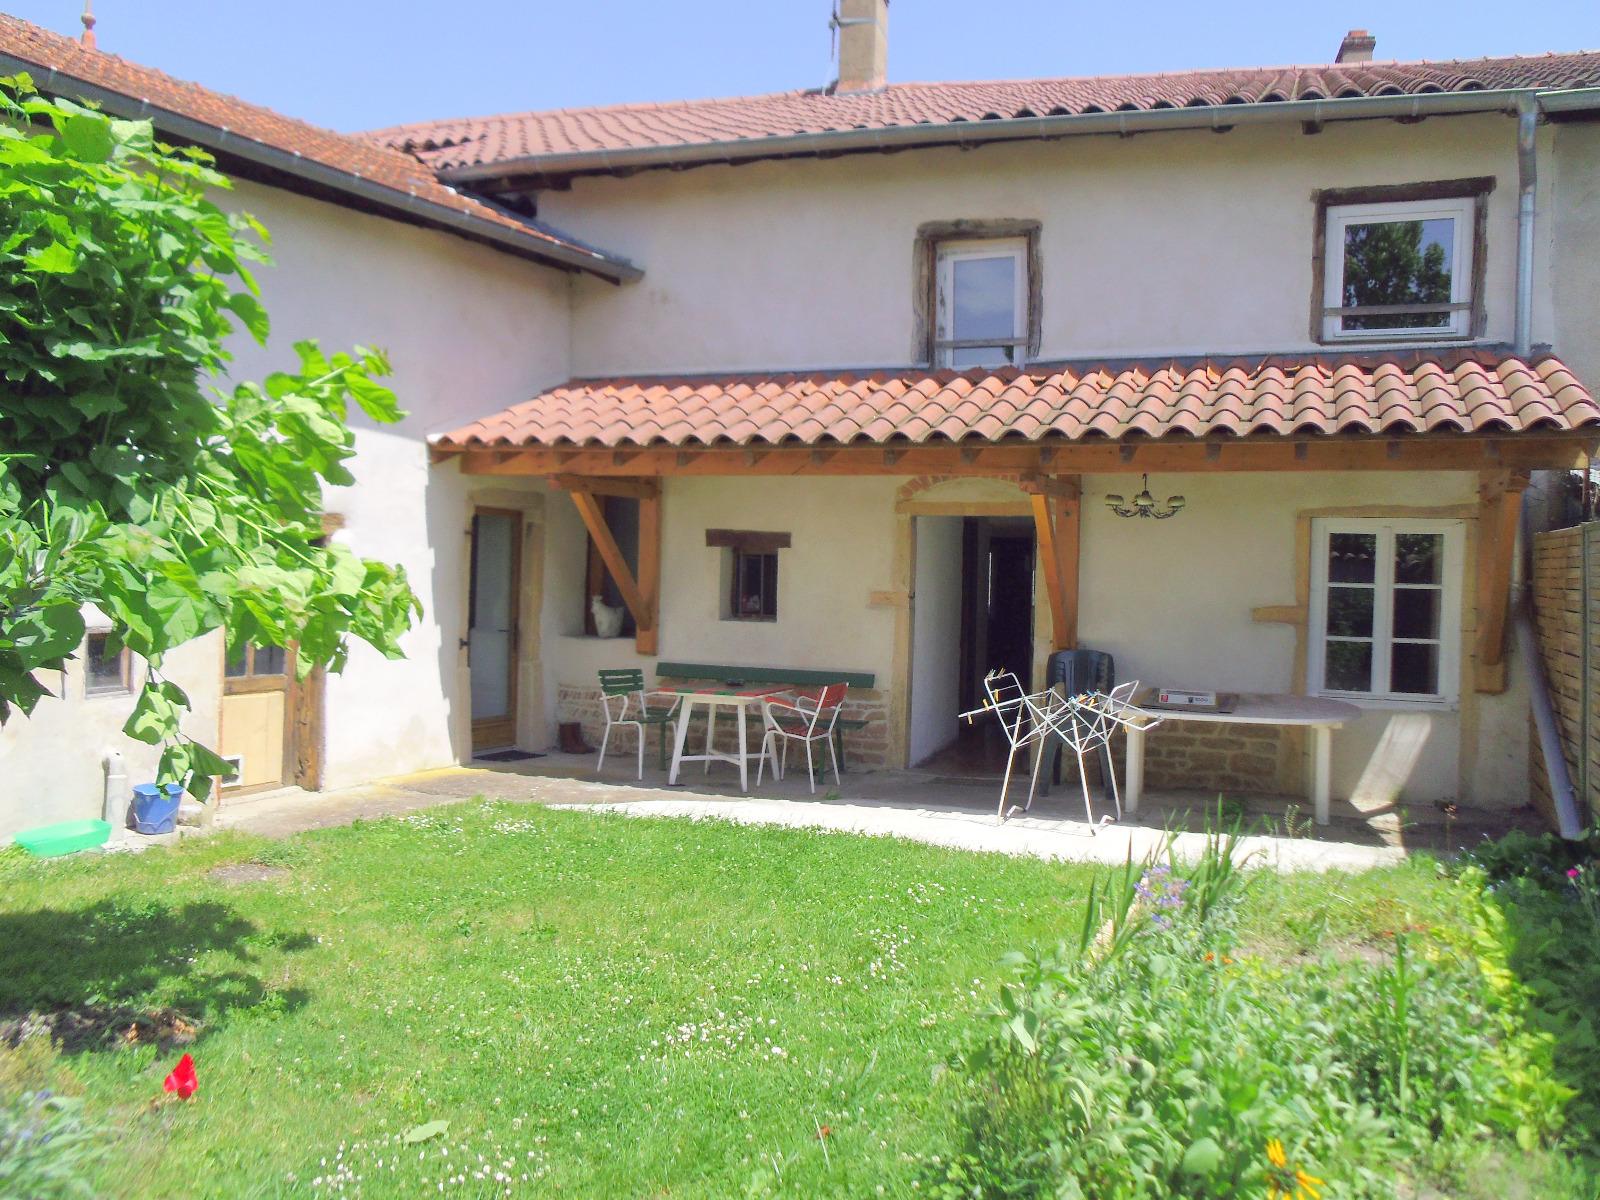 Pont de veyle a vendre maison de village 176 m for Maison avec cour interieure